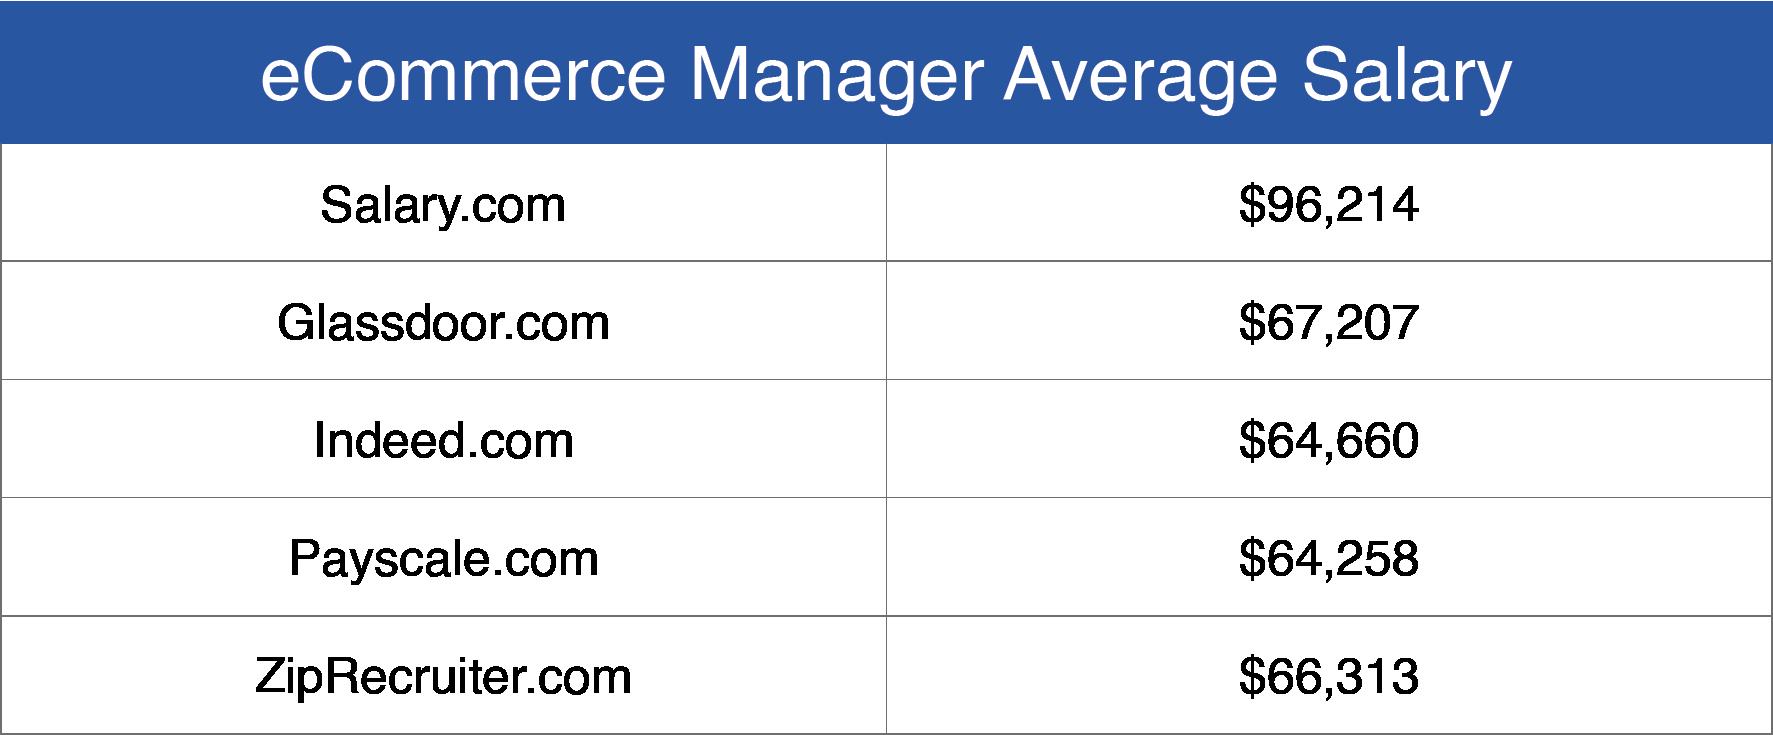 eCommerce Manager Average Salary